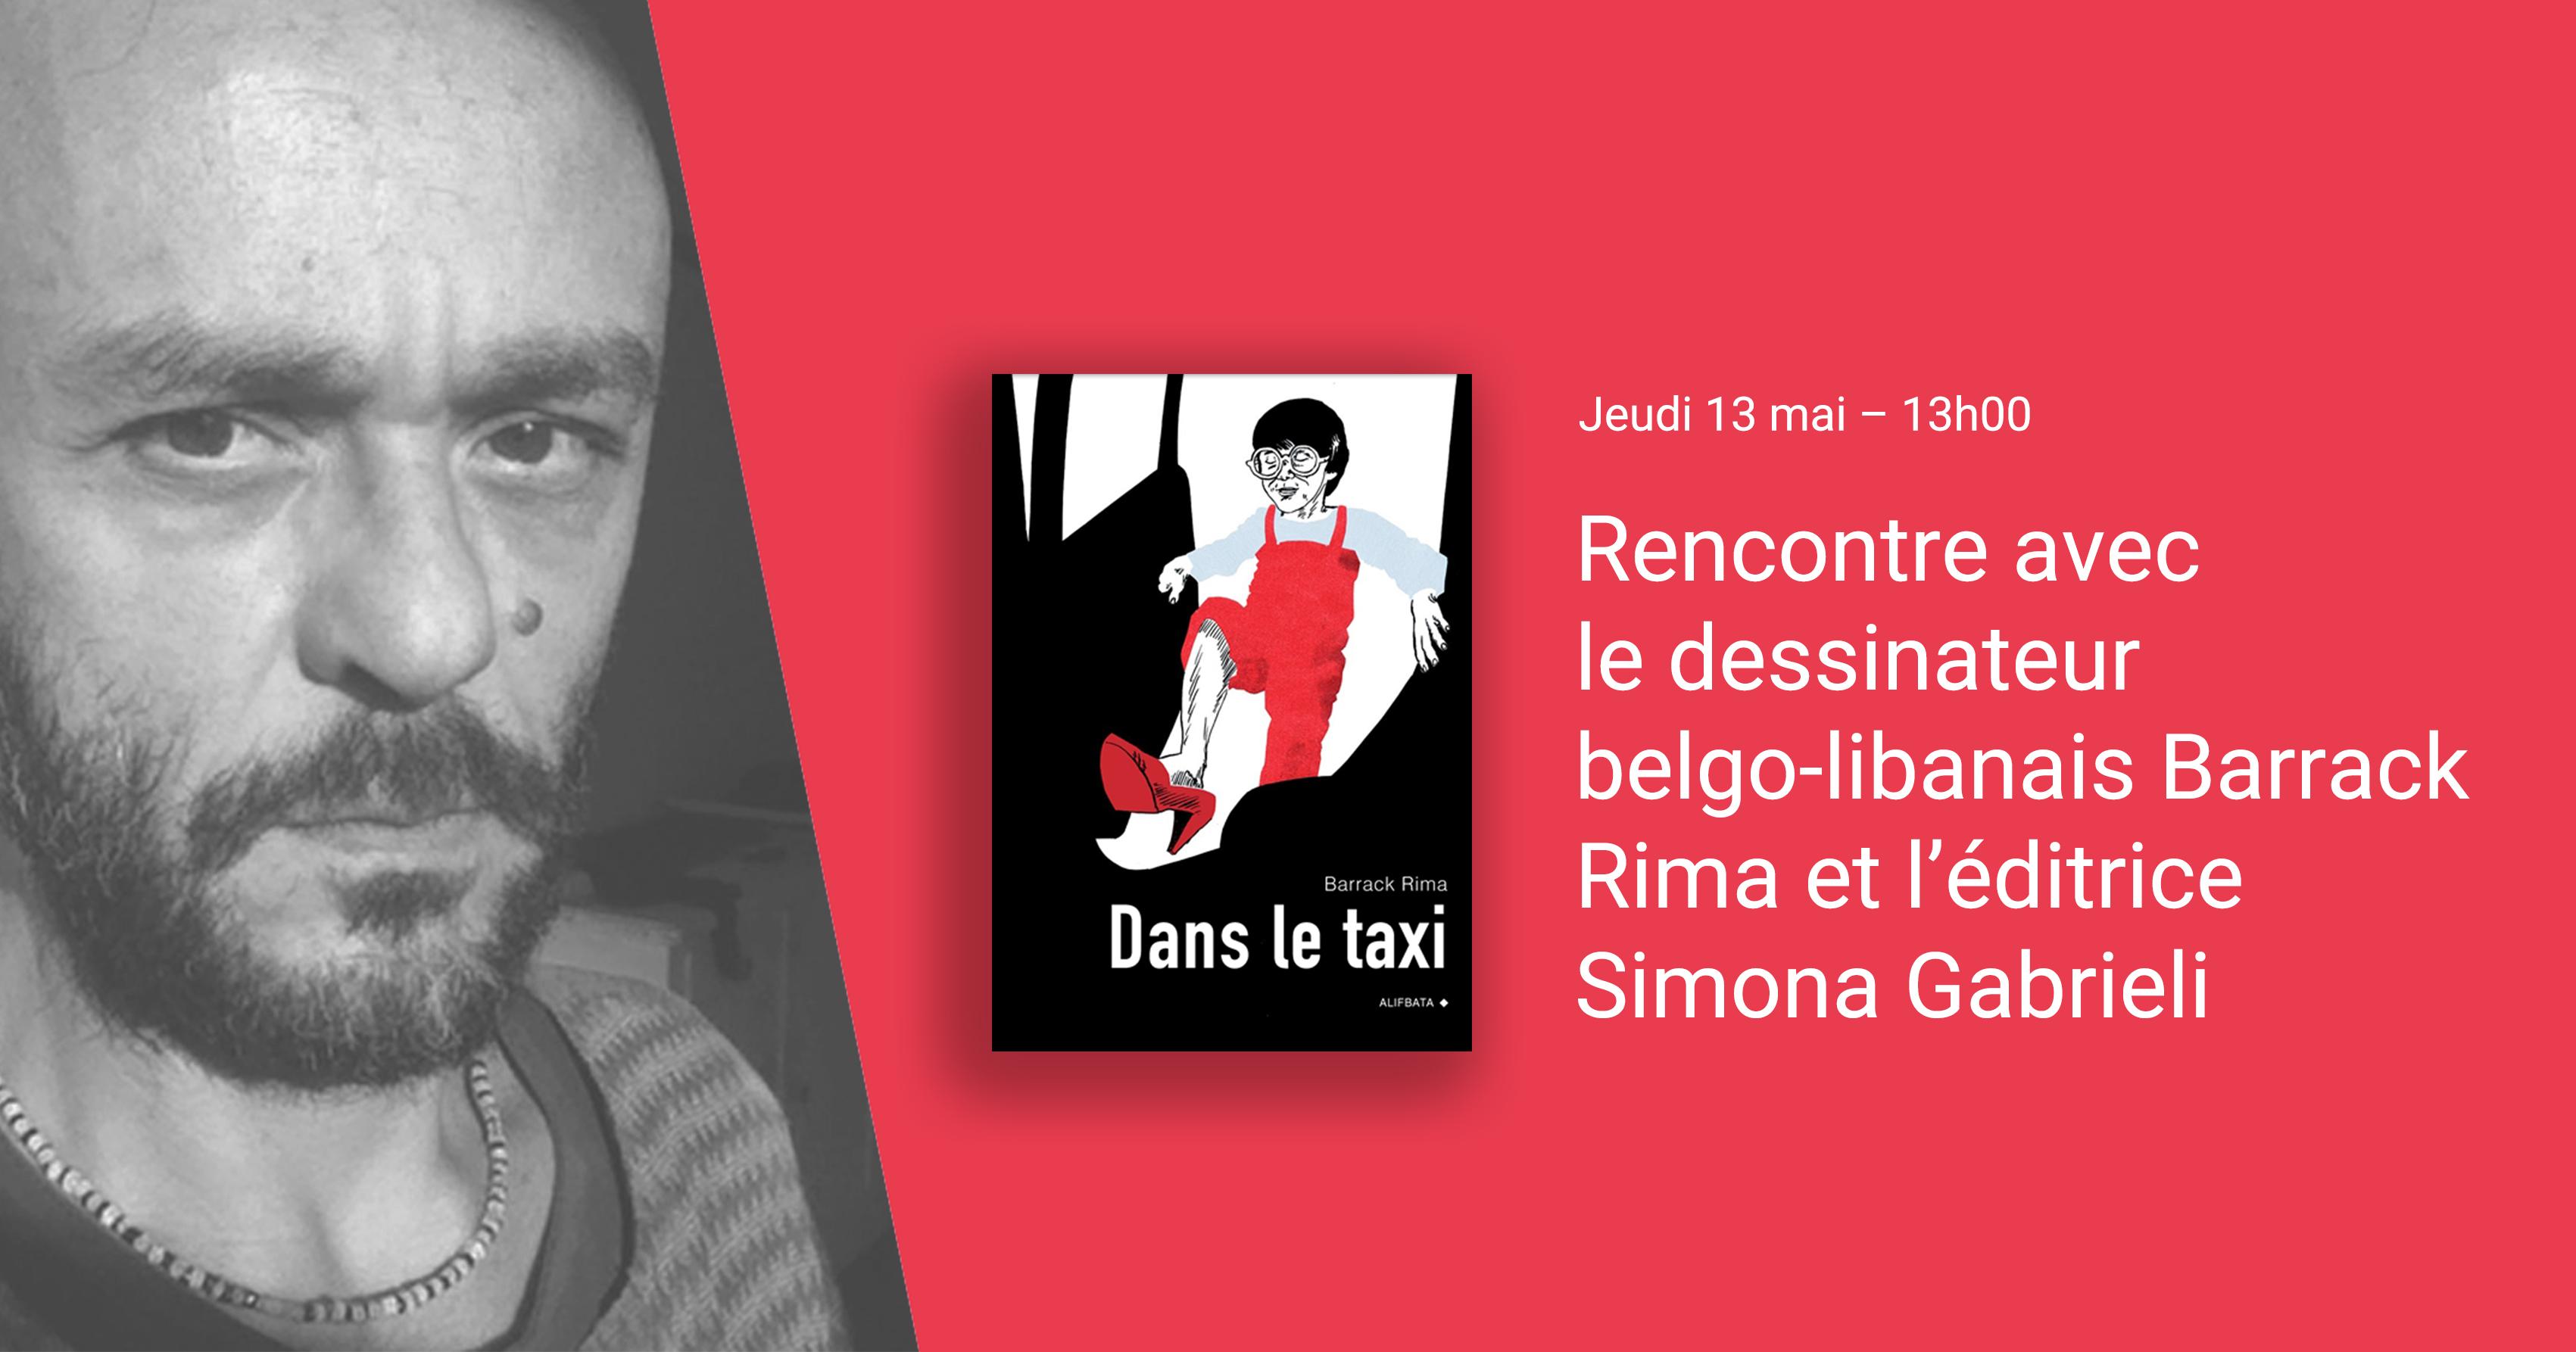 Rencontre avec le dessinateur belgo-libanais Barrack Rima et l'éditrice Simona Gabrieli